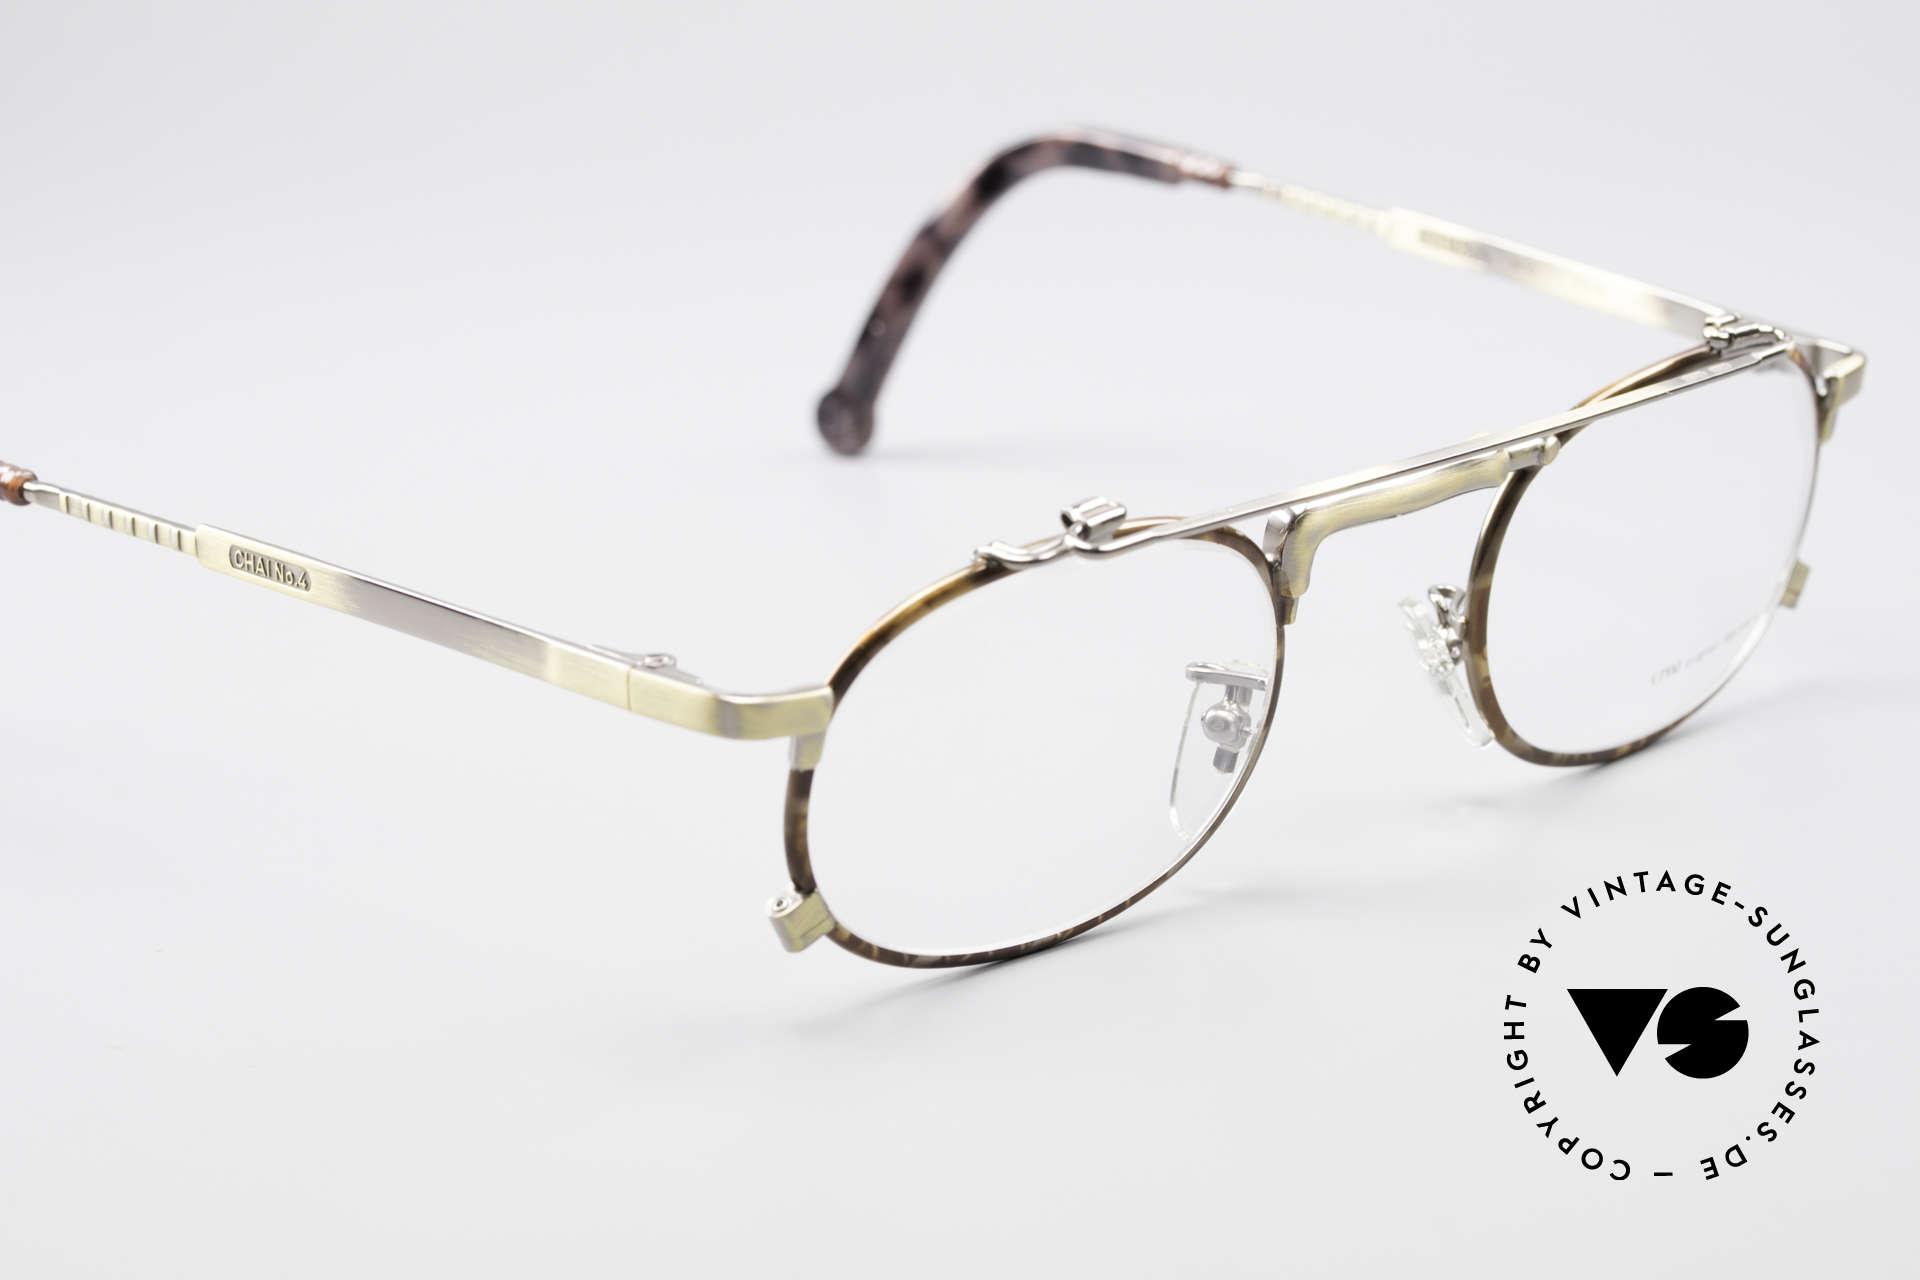 Chai No4 Oval Vintage Brille Industrial 90er, wie auch immer: eine extrem hochwertige Fassung, Passend für Herren und Damen